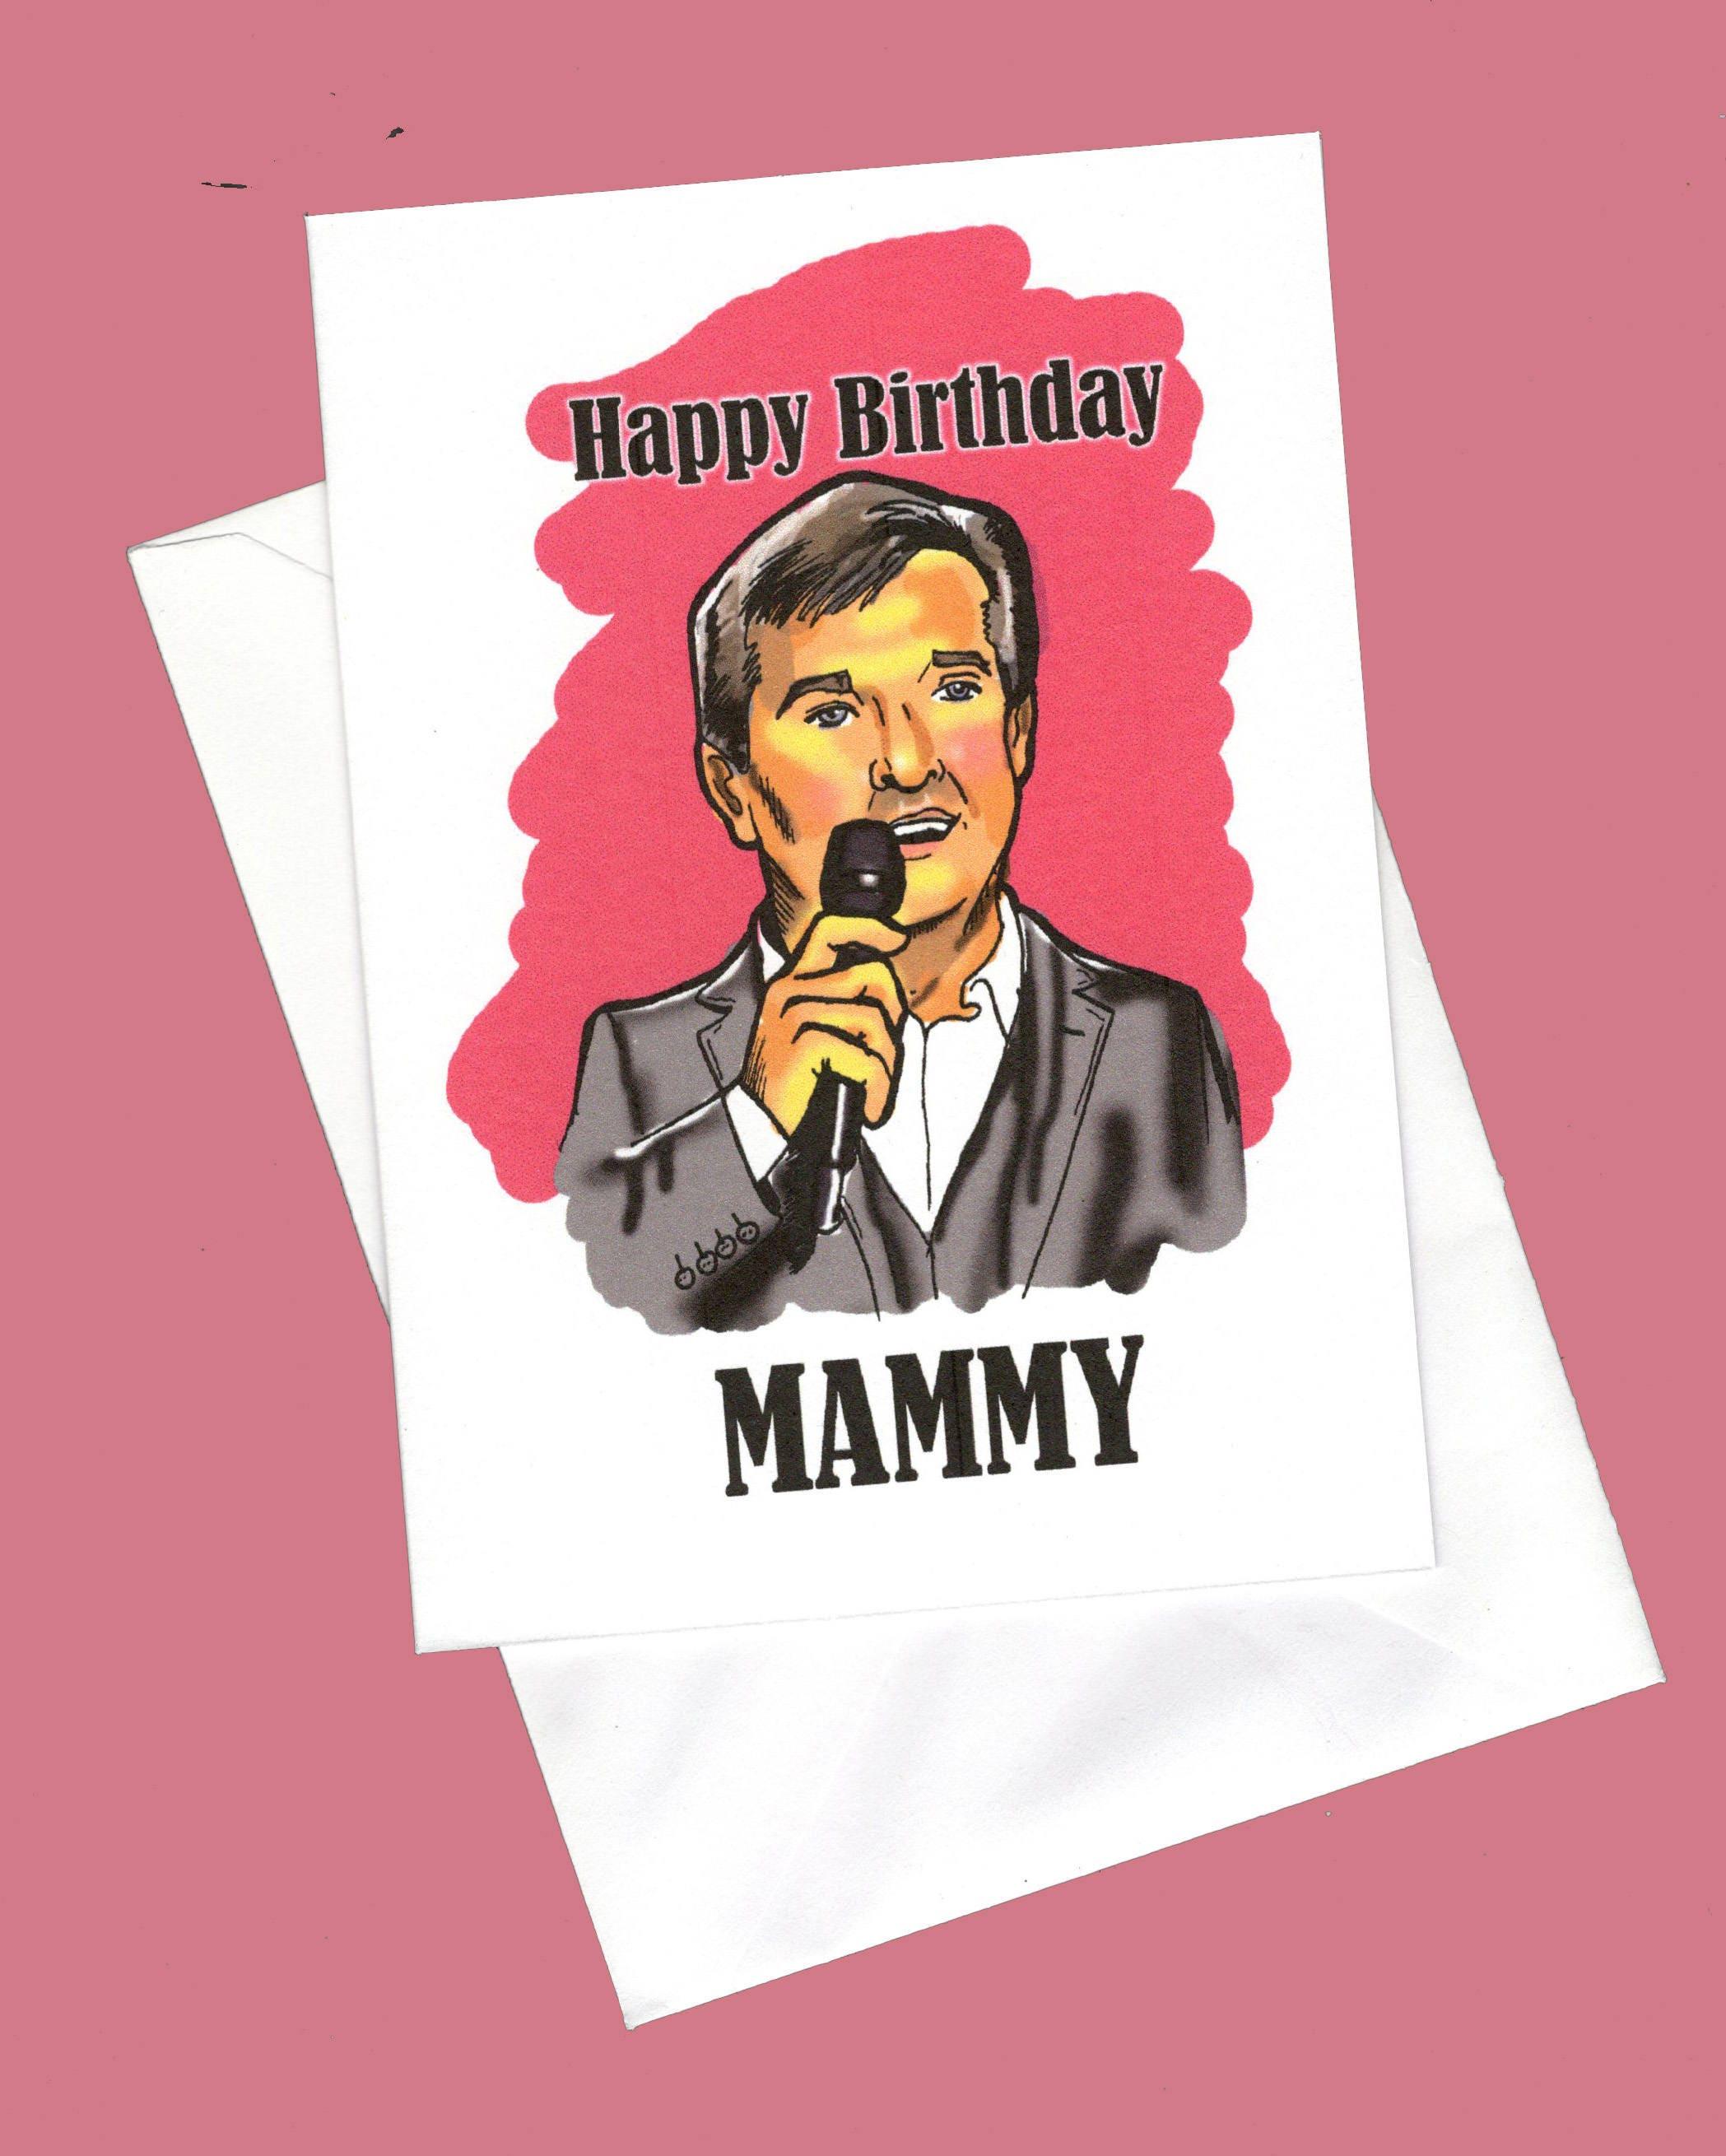 Happy birthday mammy cheesy birthday card funny birthday